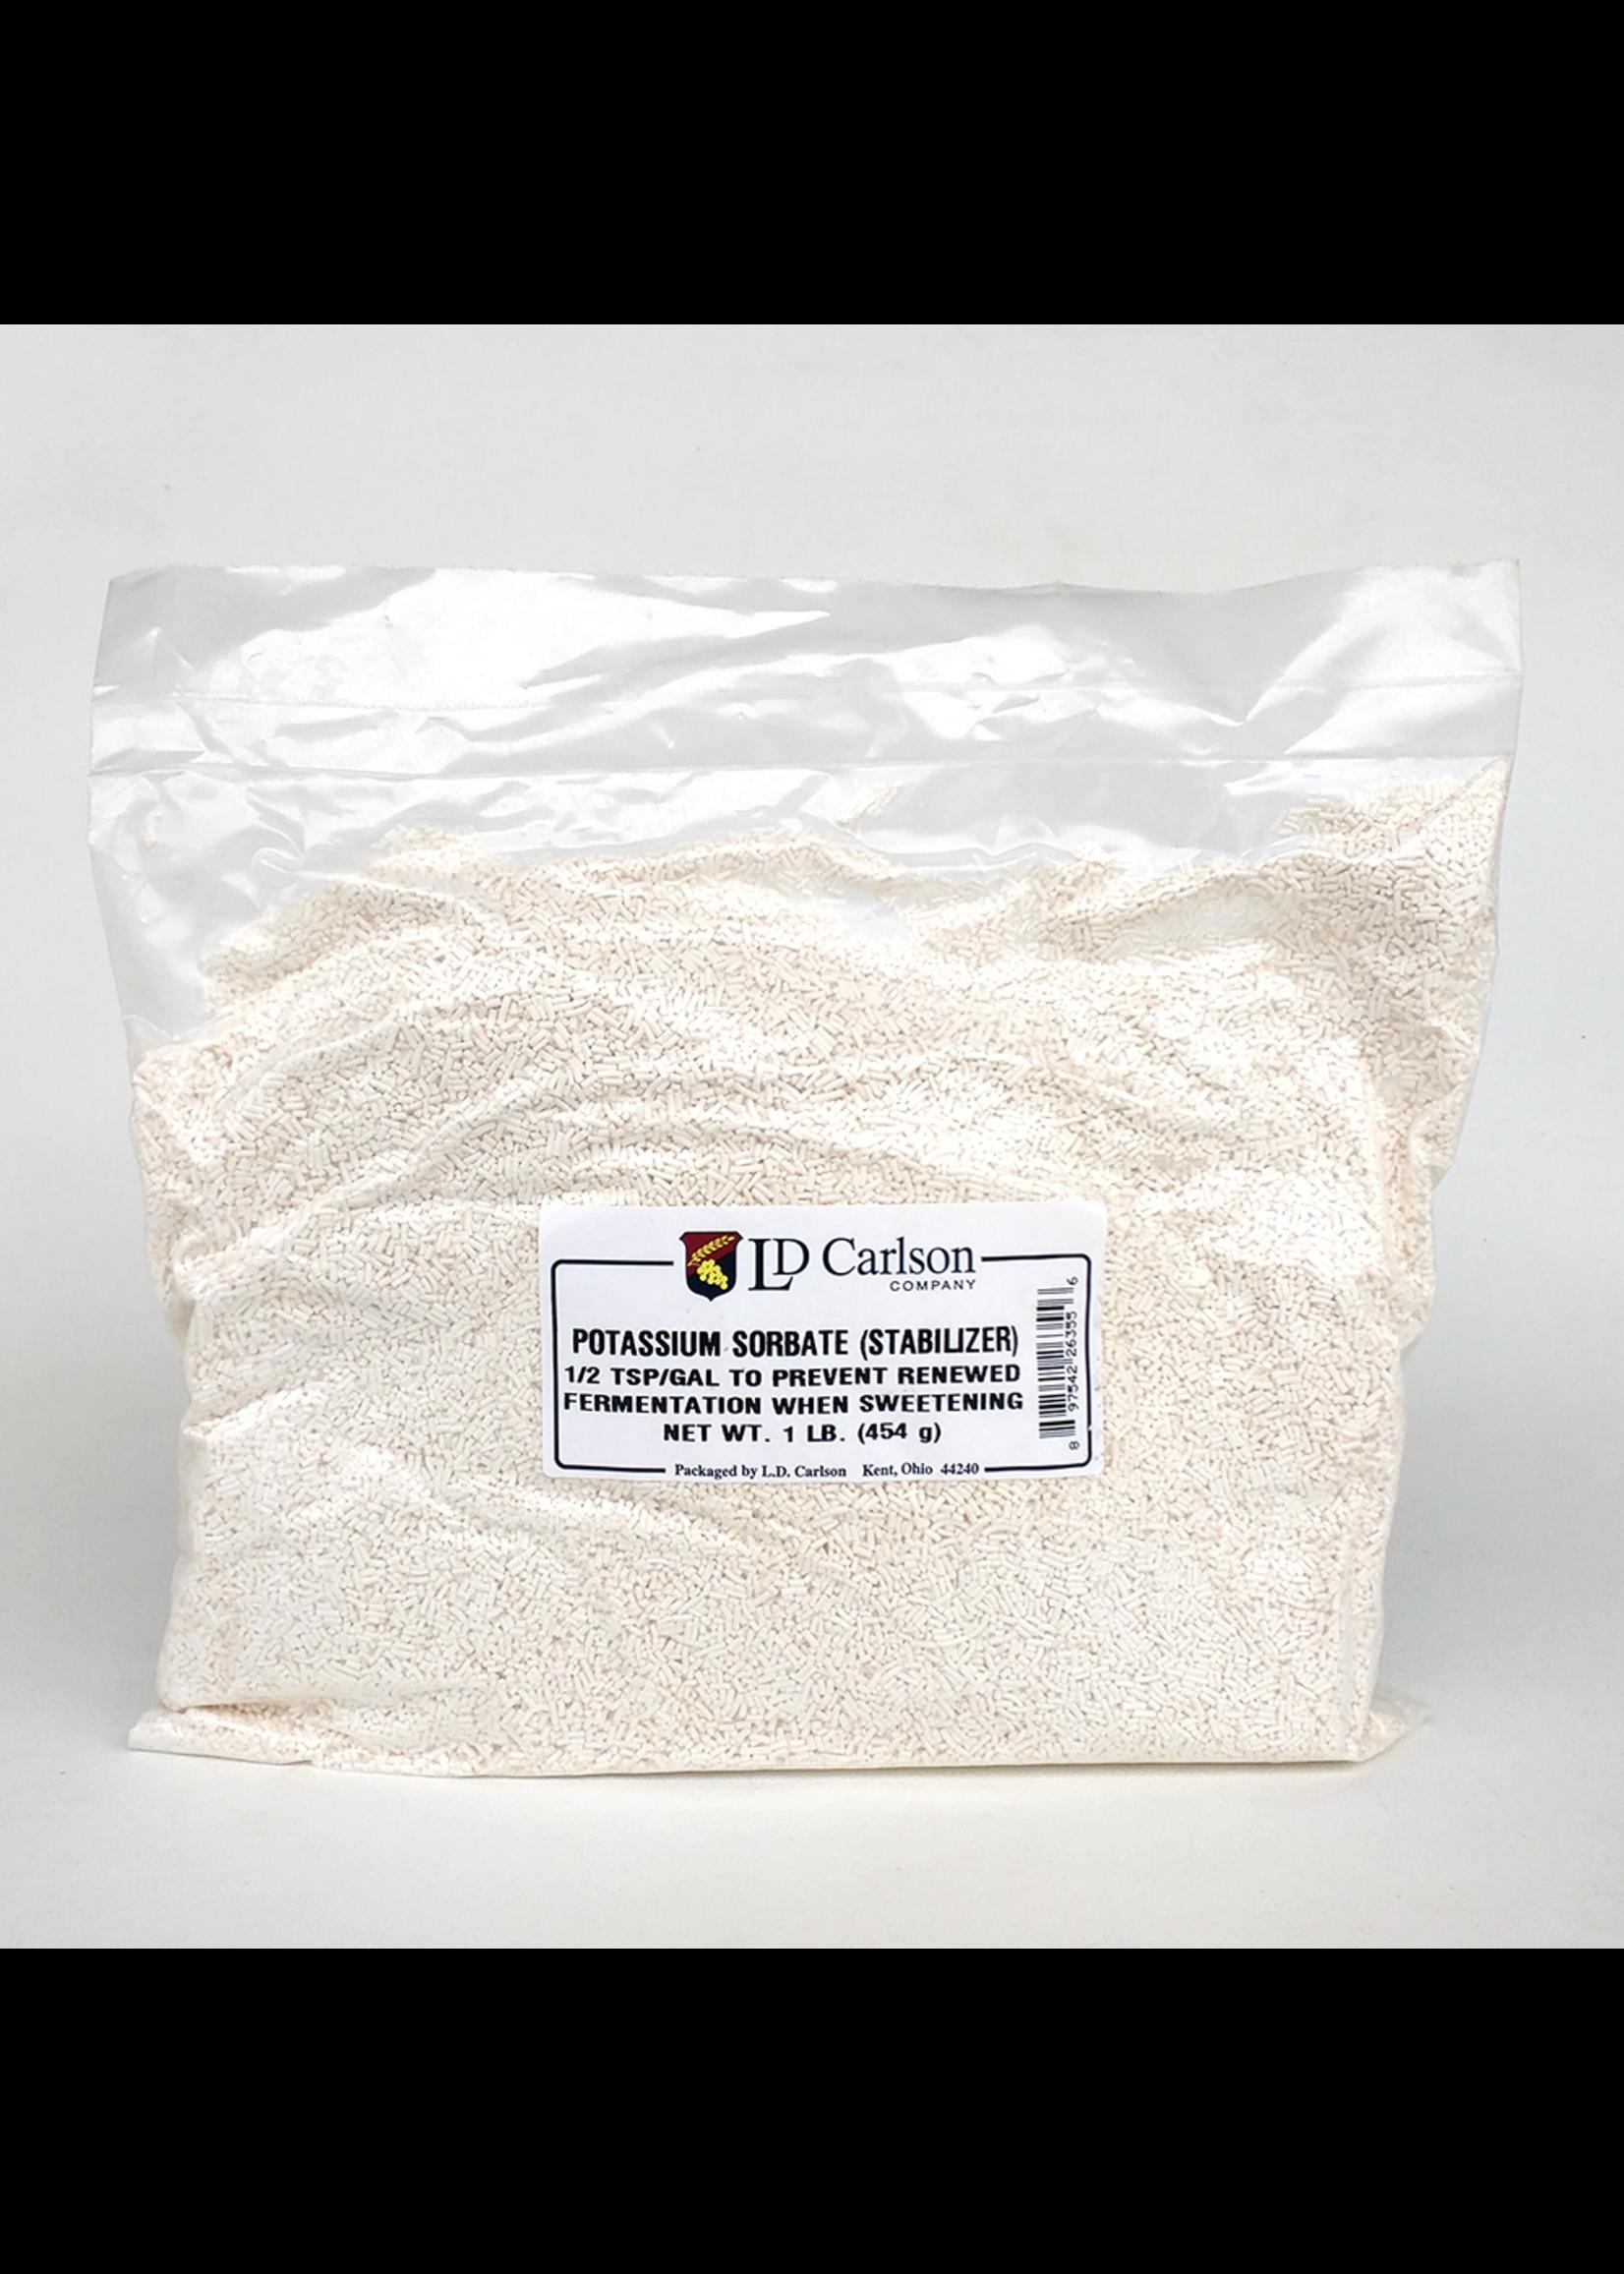 Chemicals Potassium Sorbate - 1 LB (Stabilizer)